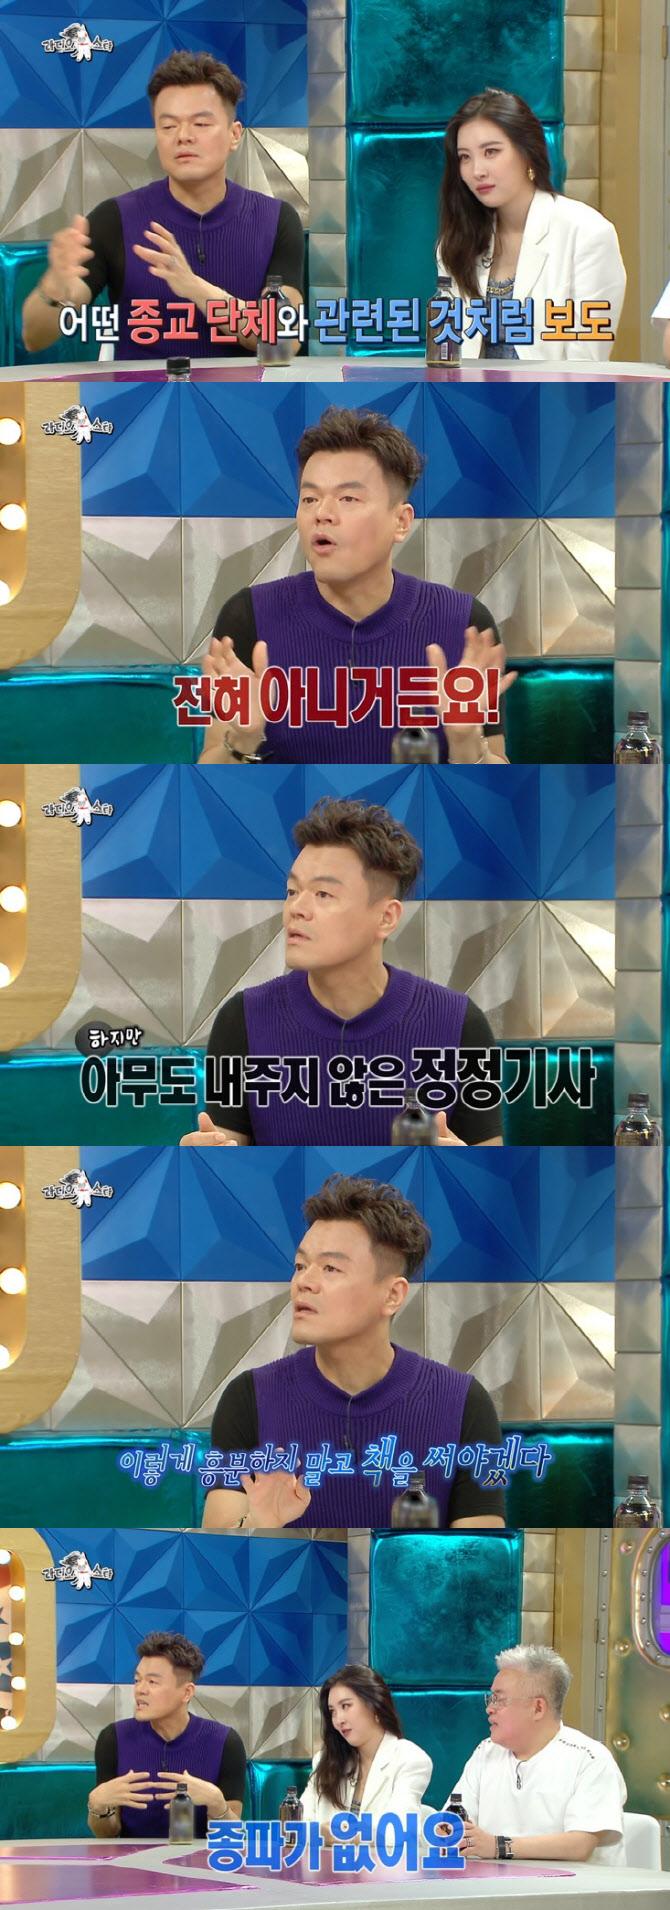 """'라스' 박진영, 구원파 의혹 해명 """"전혀 아냐…아직도 종파 없어"""""""